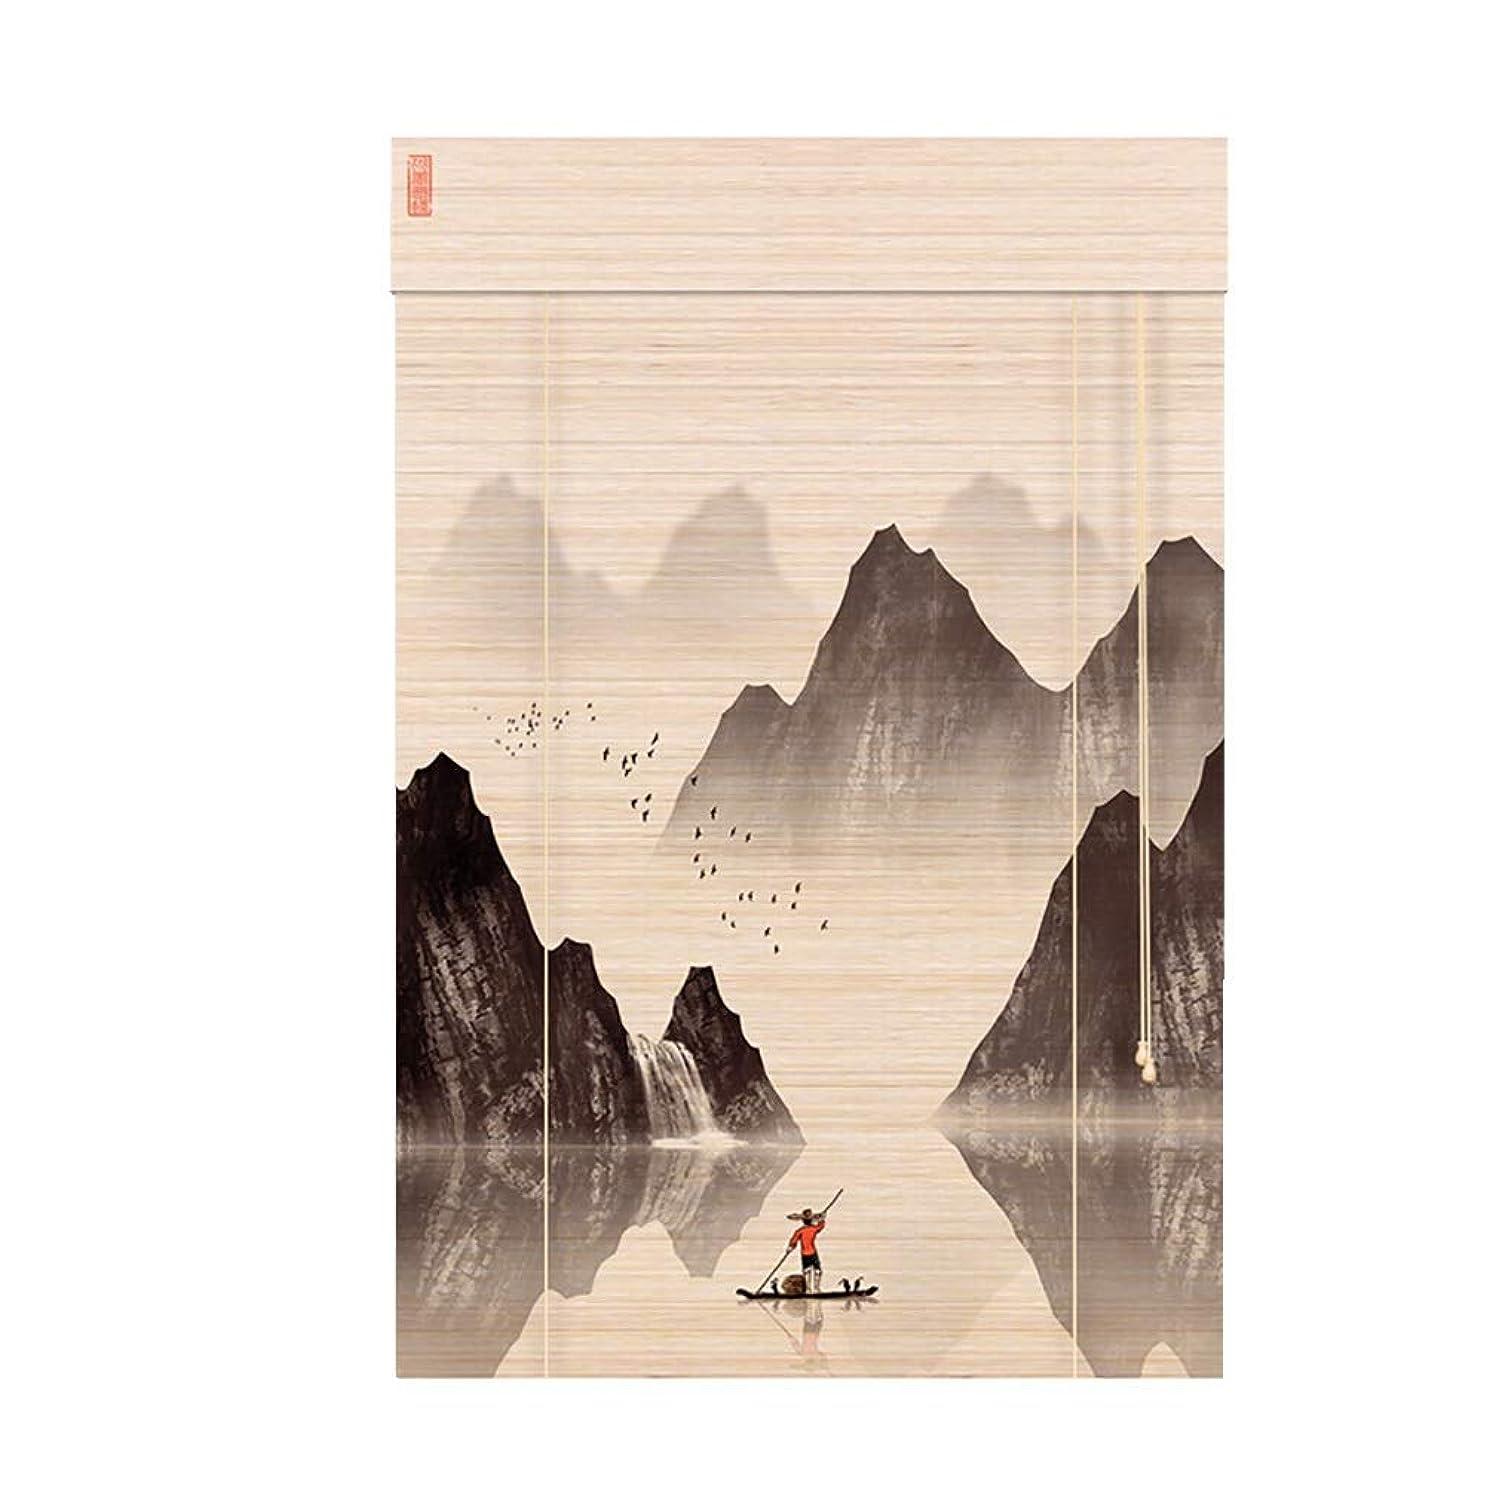 グラディス漂流勢いYXX-ロールスクリーン 遮光ローラーブラインド昼と夜のカーテン、竹の色合いはバルコニー/茶店/オフィス/居間のためにハンドメイドでカット (サイズ さいず : 80x100cm)